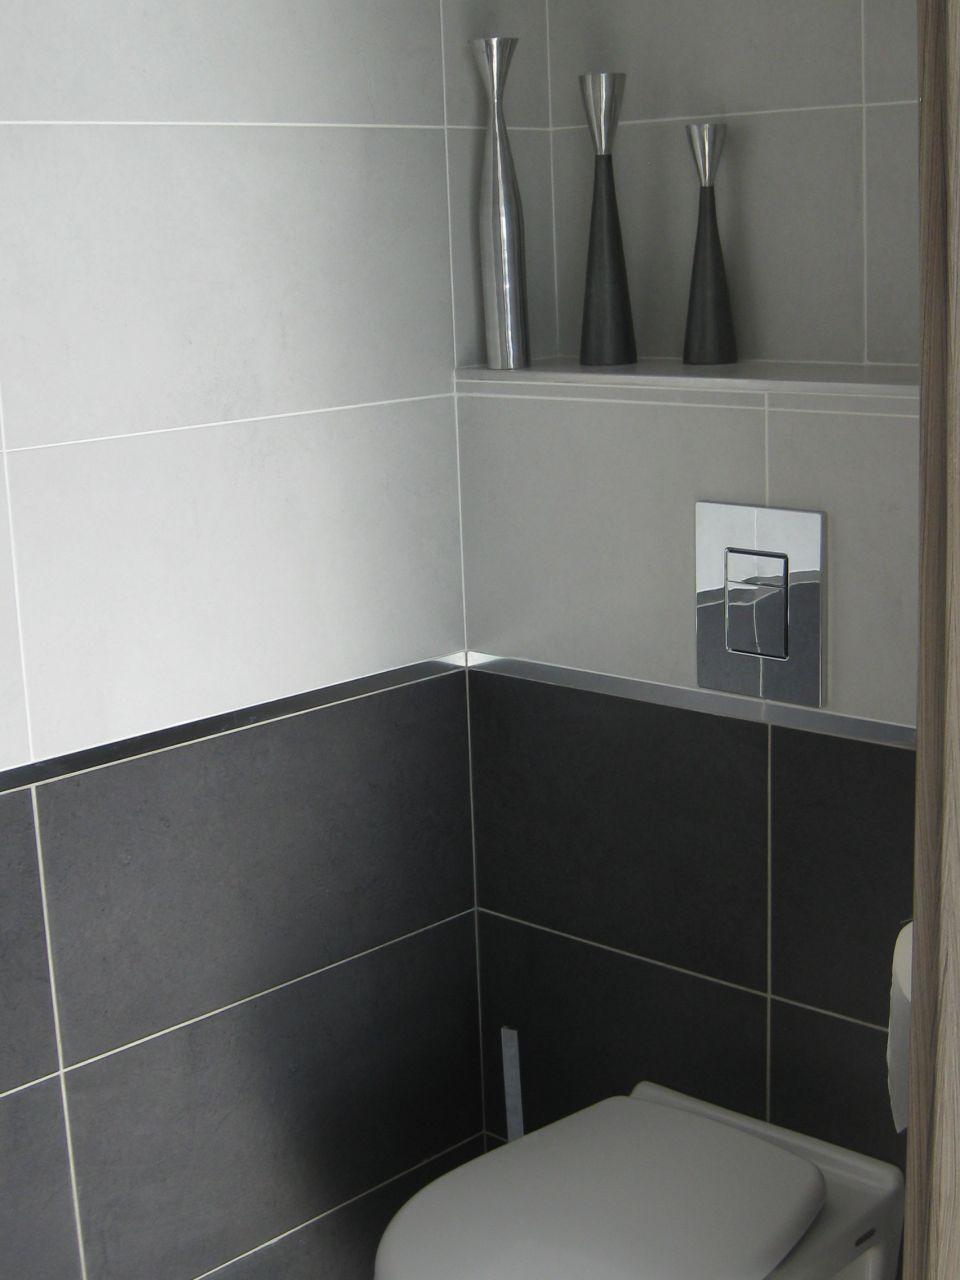 Recouvrir Frise Carrelage Salle De Bain wc invités - on a opté pour les wc et salle de bains le même